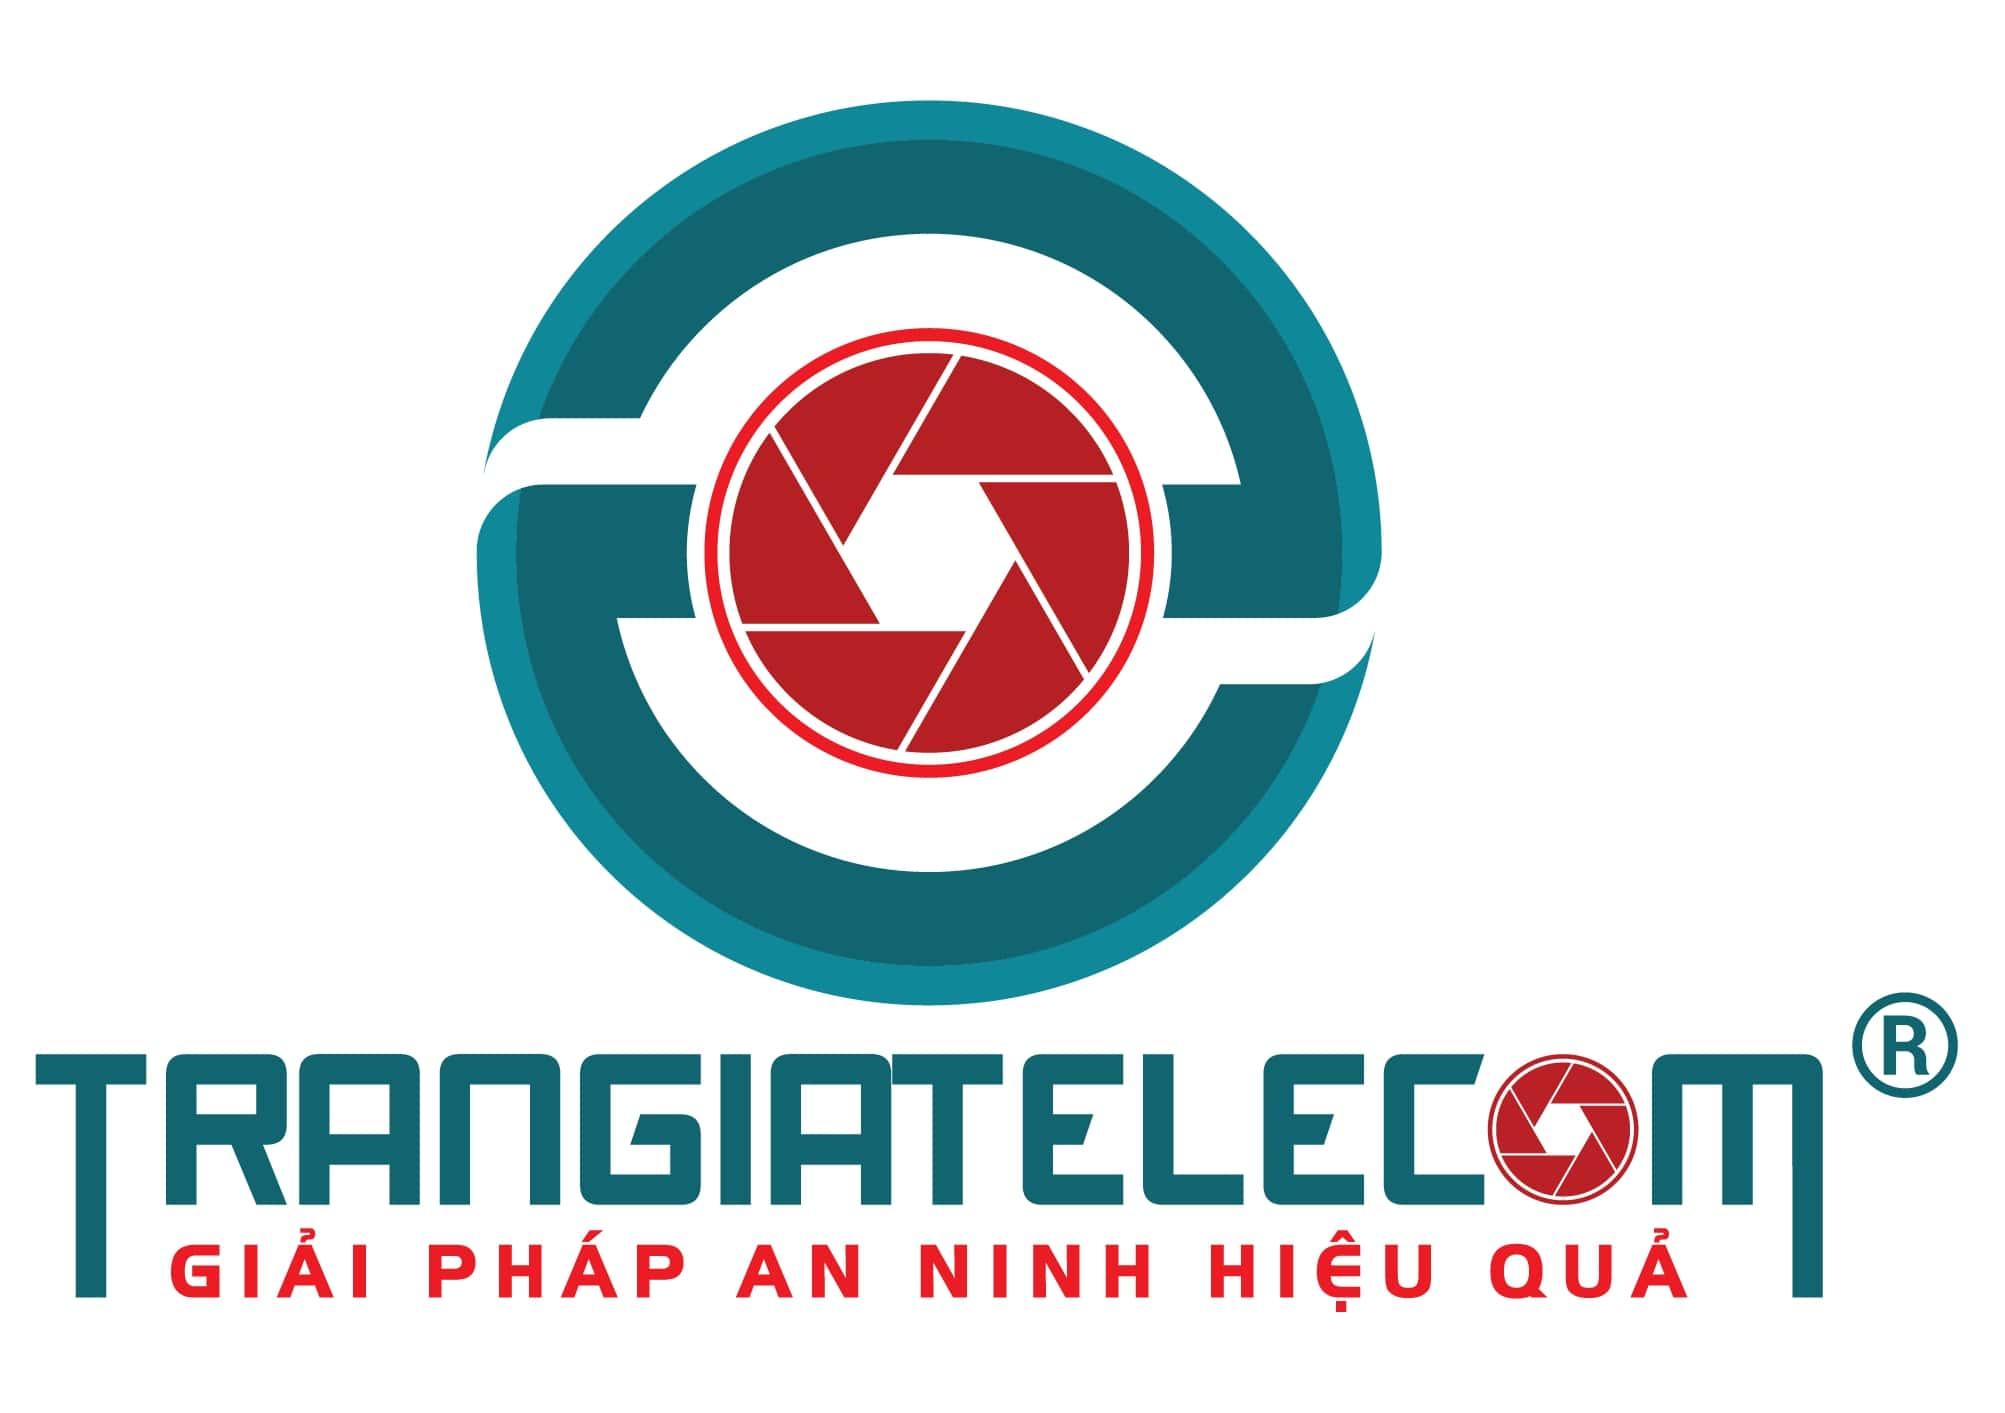 Trần Gia Telecom